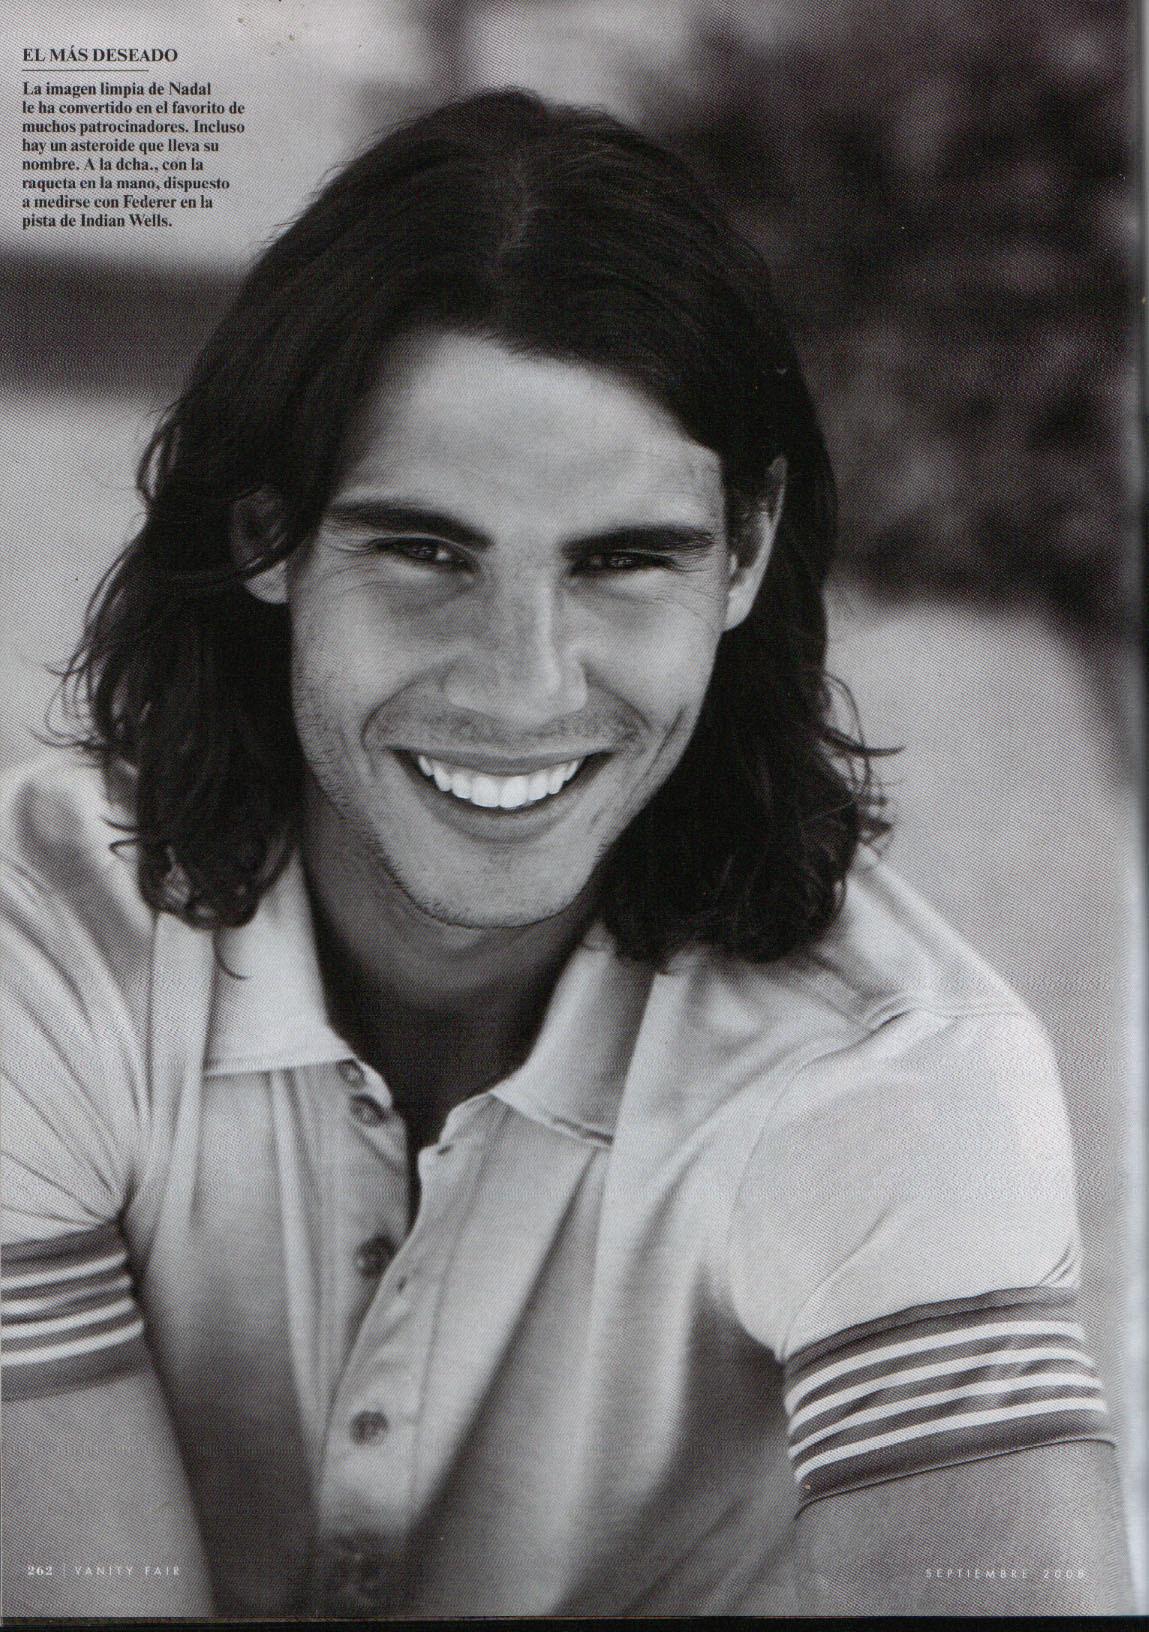 Rafael Nadal - Page 2 Vanity-Fair-Sept-08-rafael-nadal-2220498-1149-1632